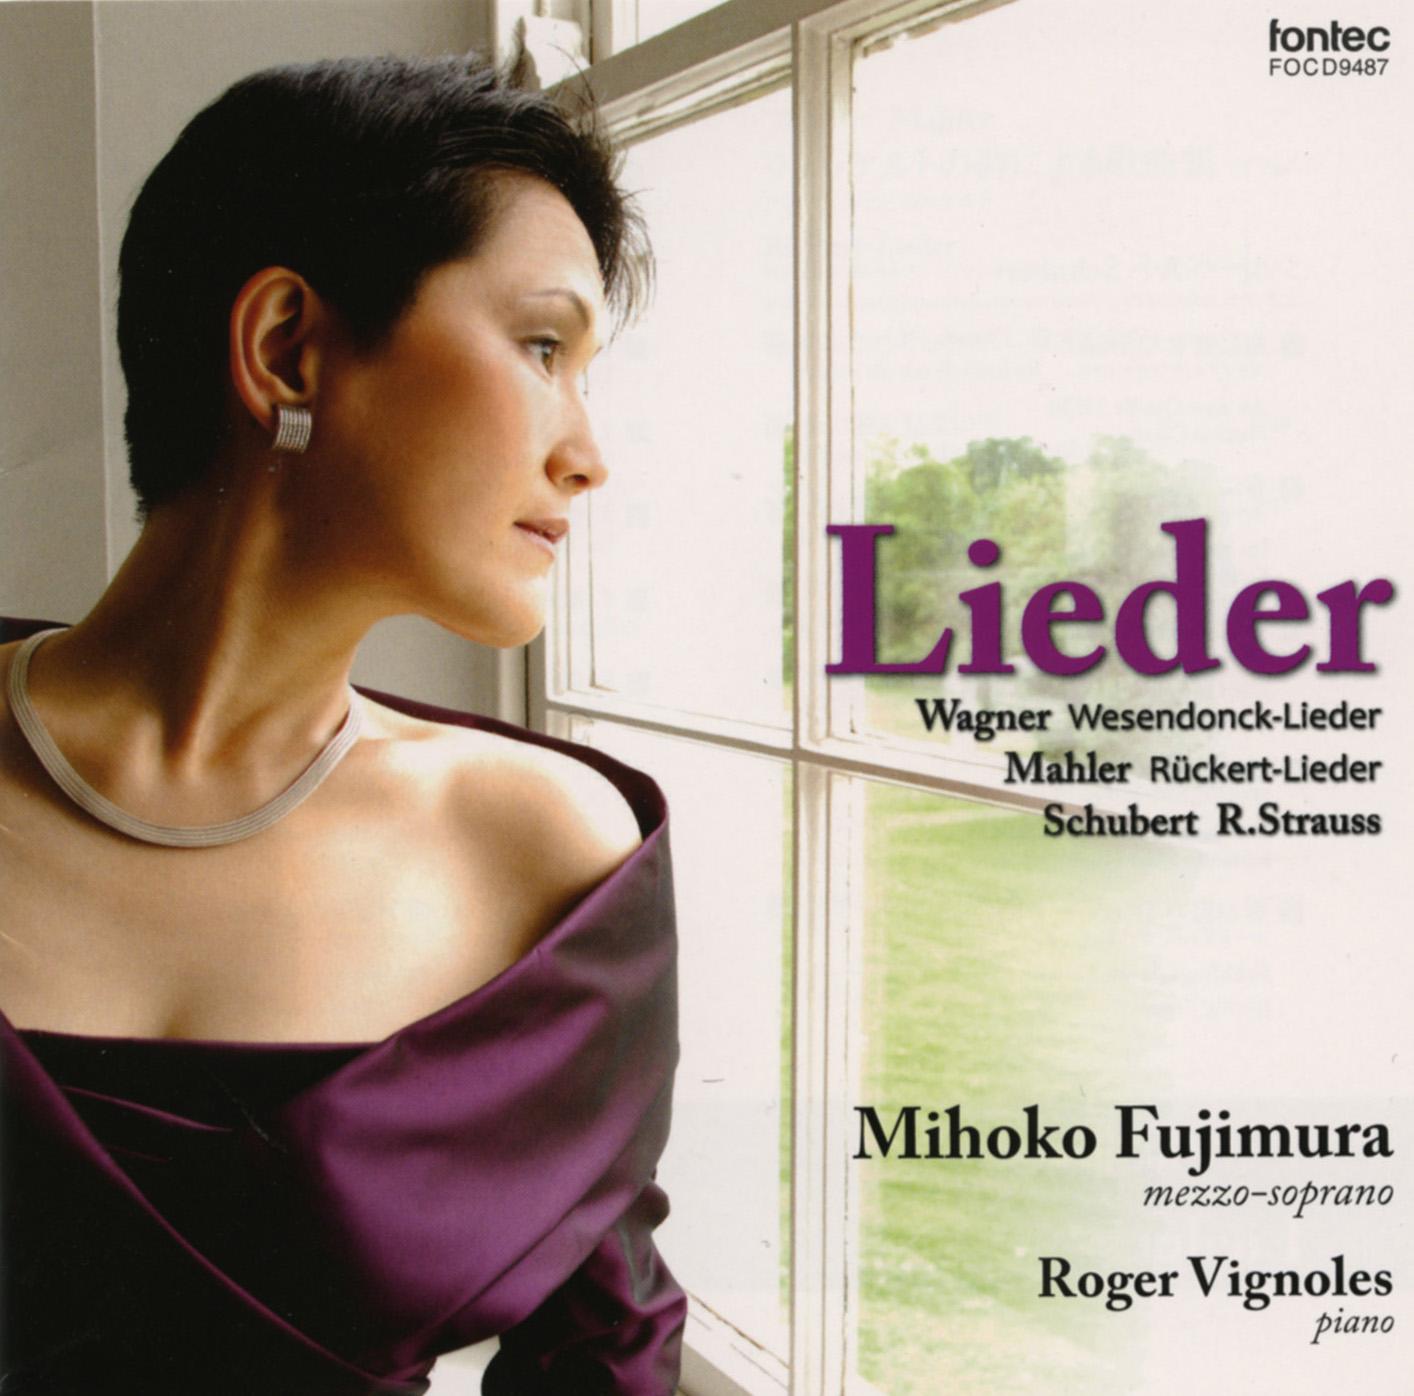 フォンテック、 『ドイツ歌曲集』などCD/SACDタイトルを発売